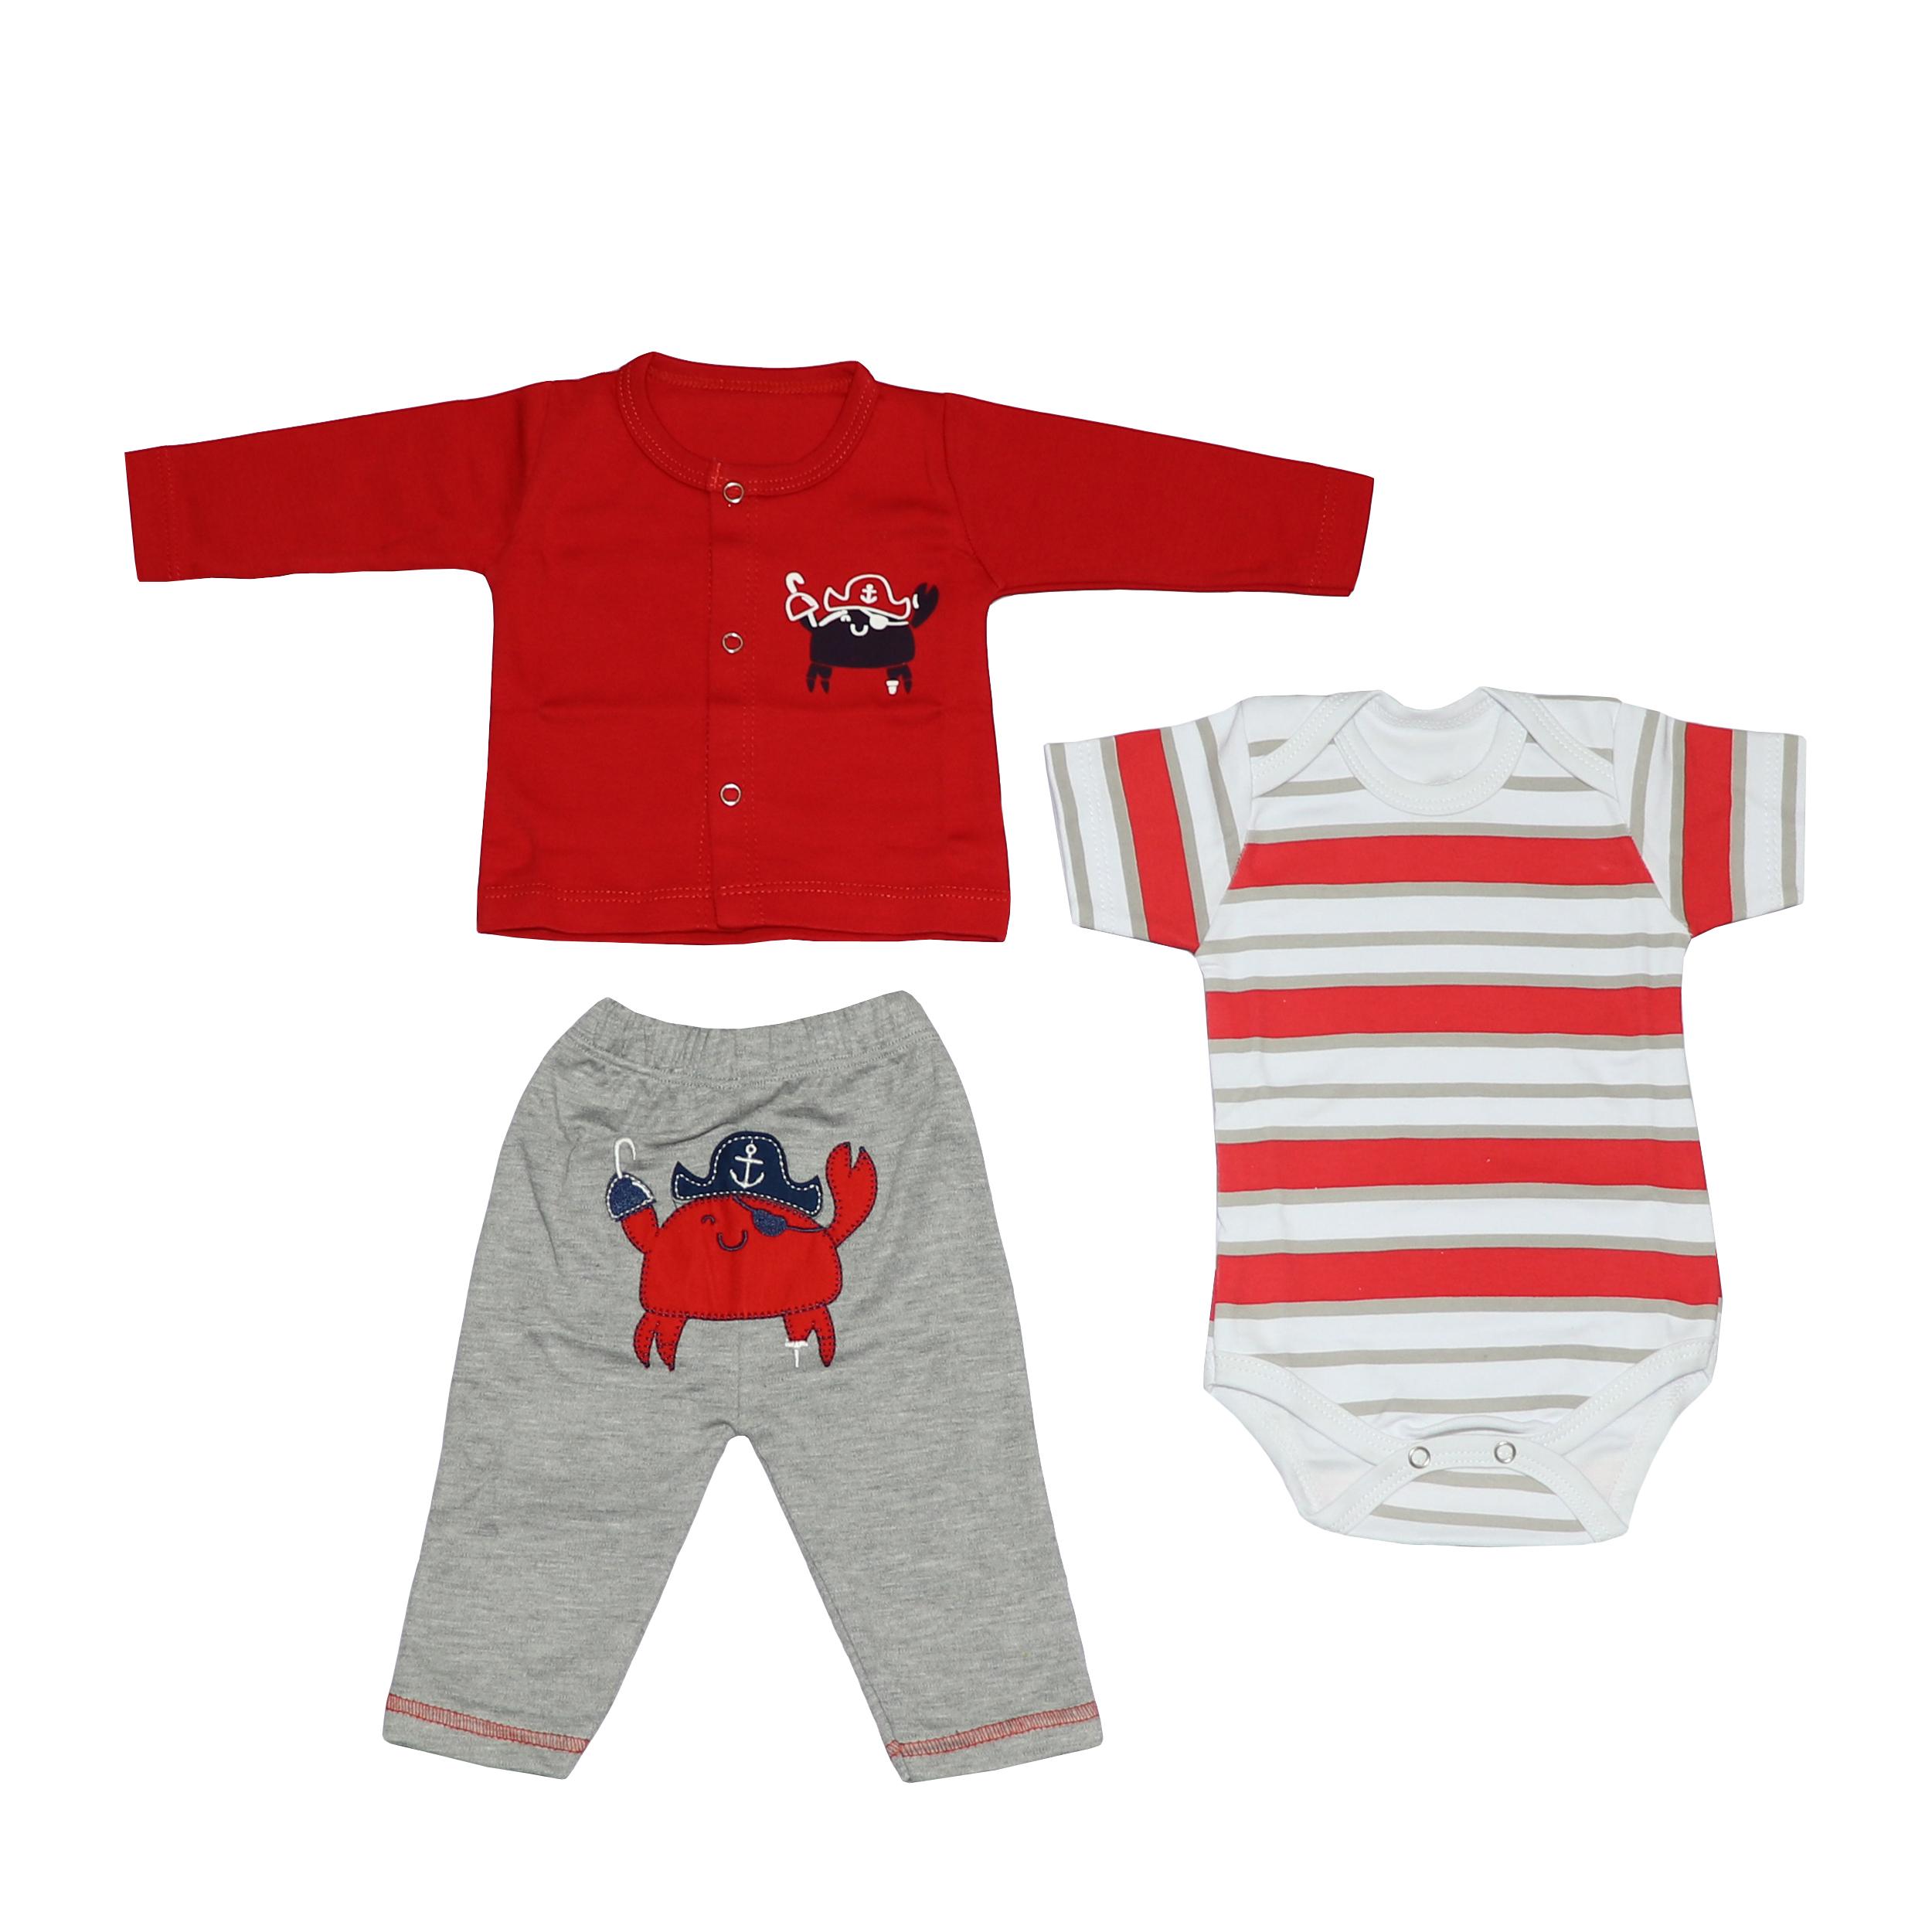 ست 3 تکه لباس نوزادی پسرانه طرح خرچنگ کد 103